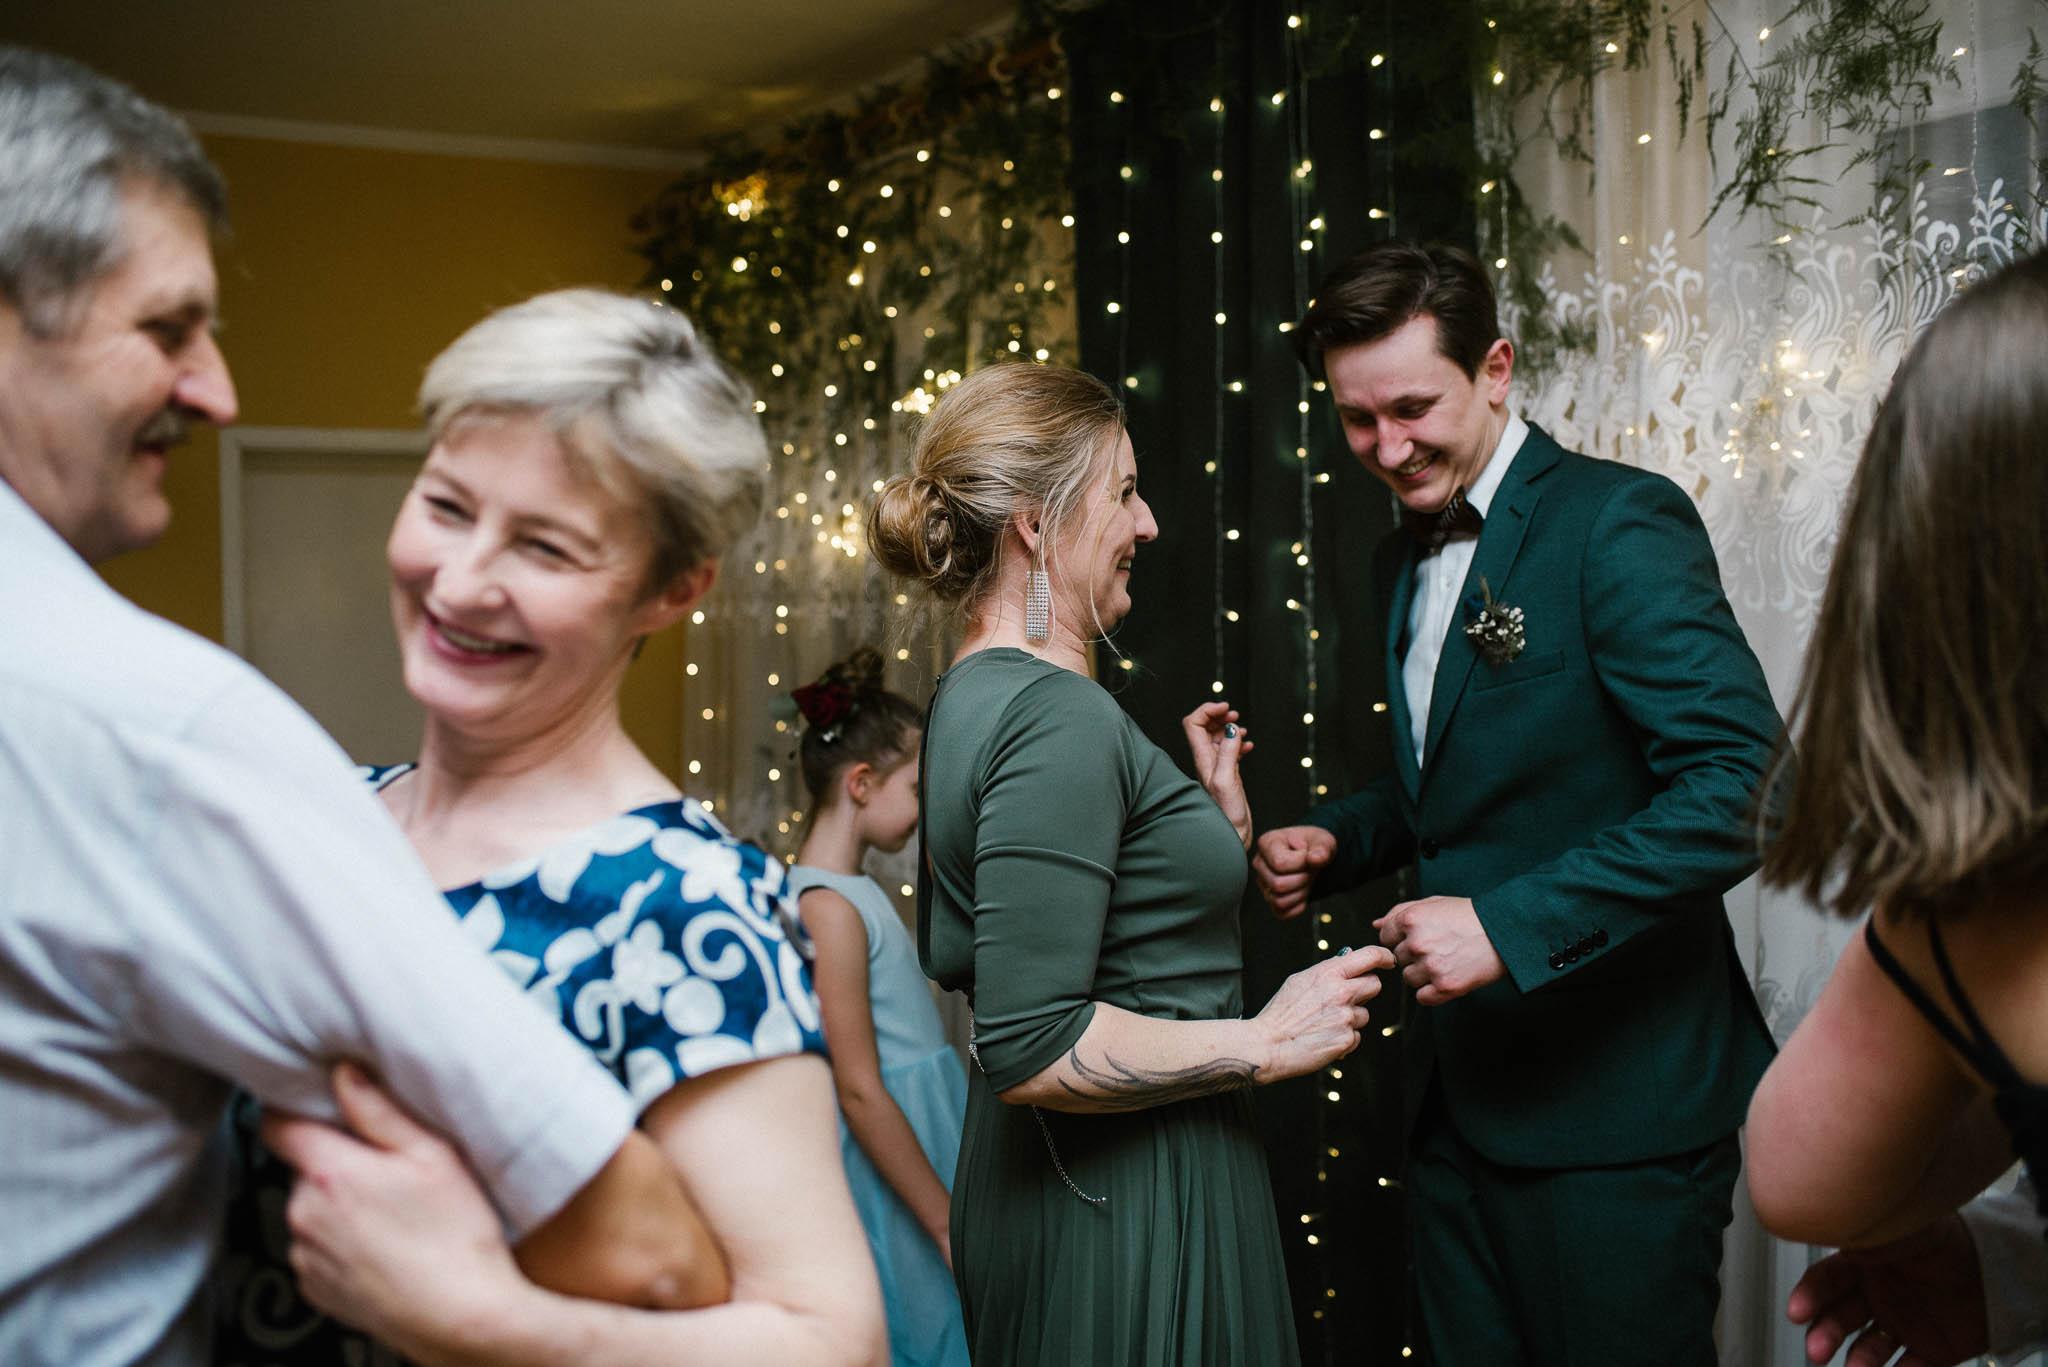 Goście tańczą na weselu - sesja ślubna reportaż Żuczki Inowrocław